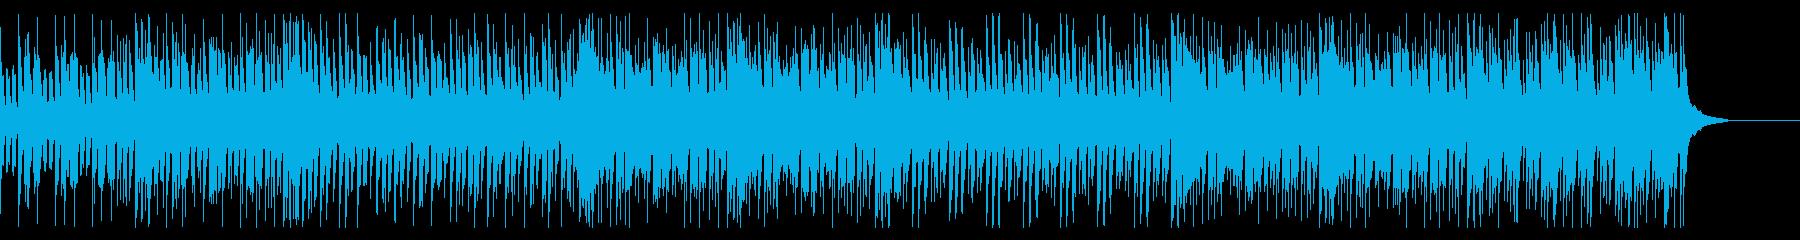 少し陰のあるスタイリッシュなワルツ風の再生済みの波形